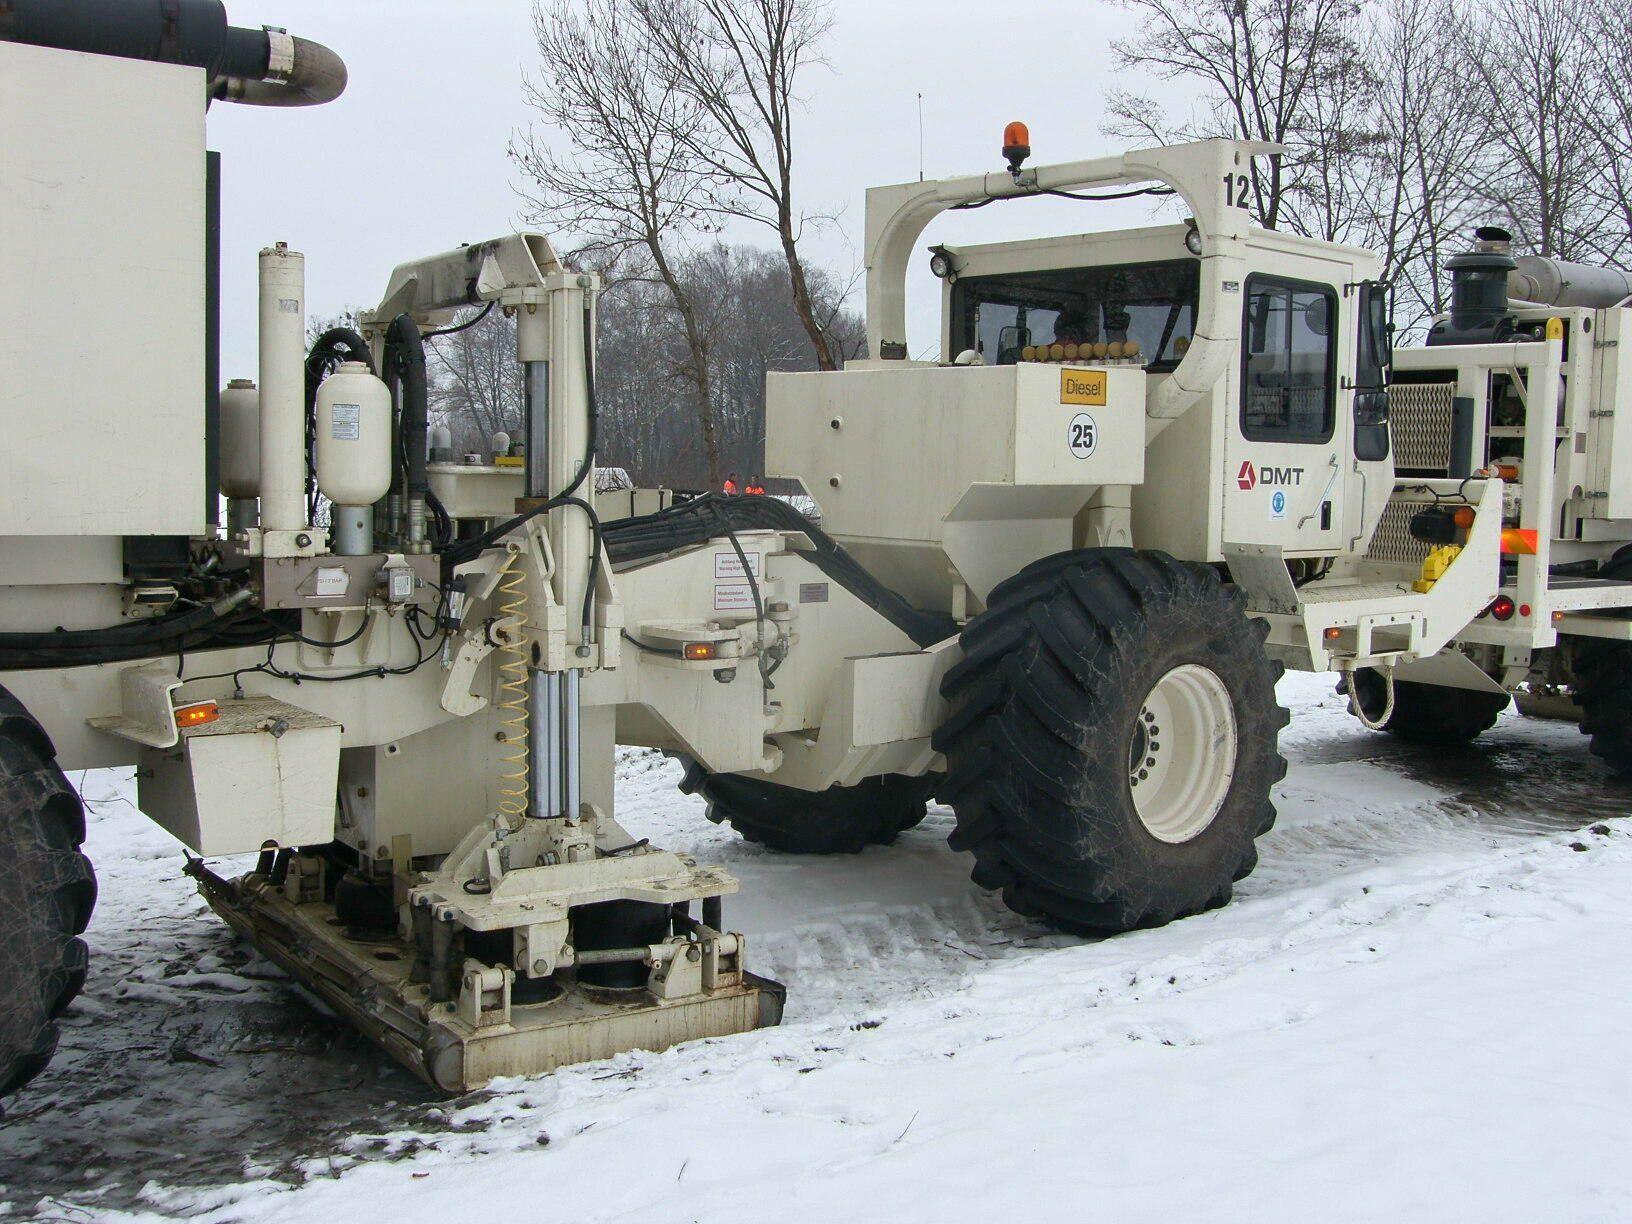 Mit diesen Fahrzeugen wurde die Geothermie im Raum Liechtenstein-Kanton St. Gallen untersucht